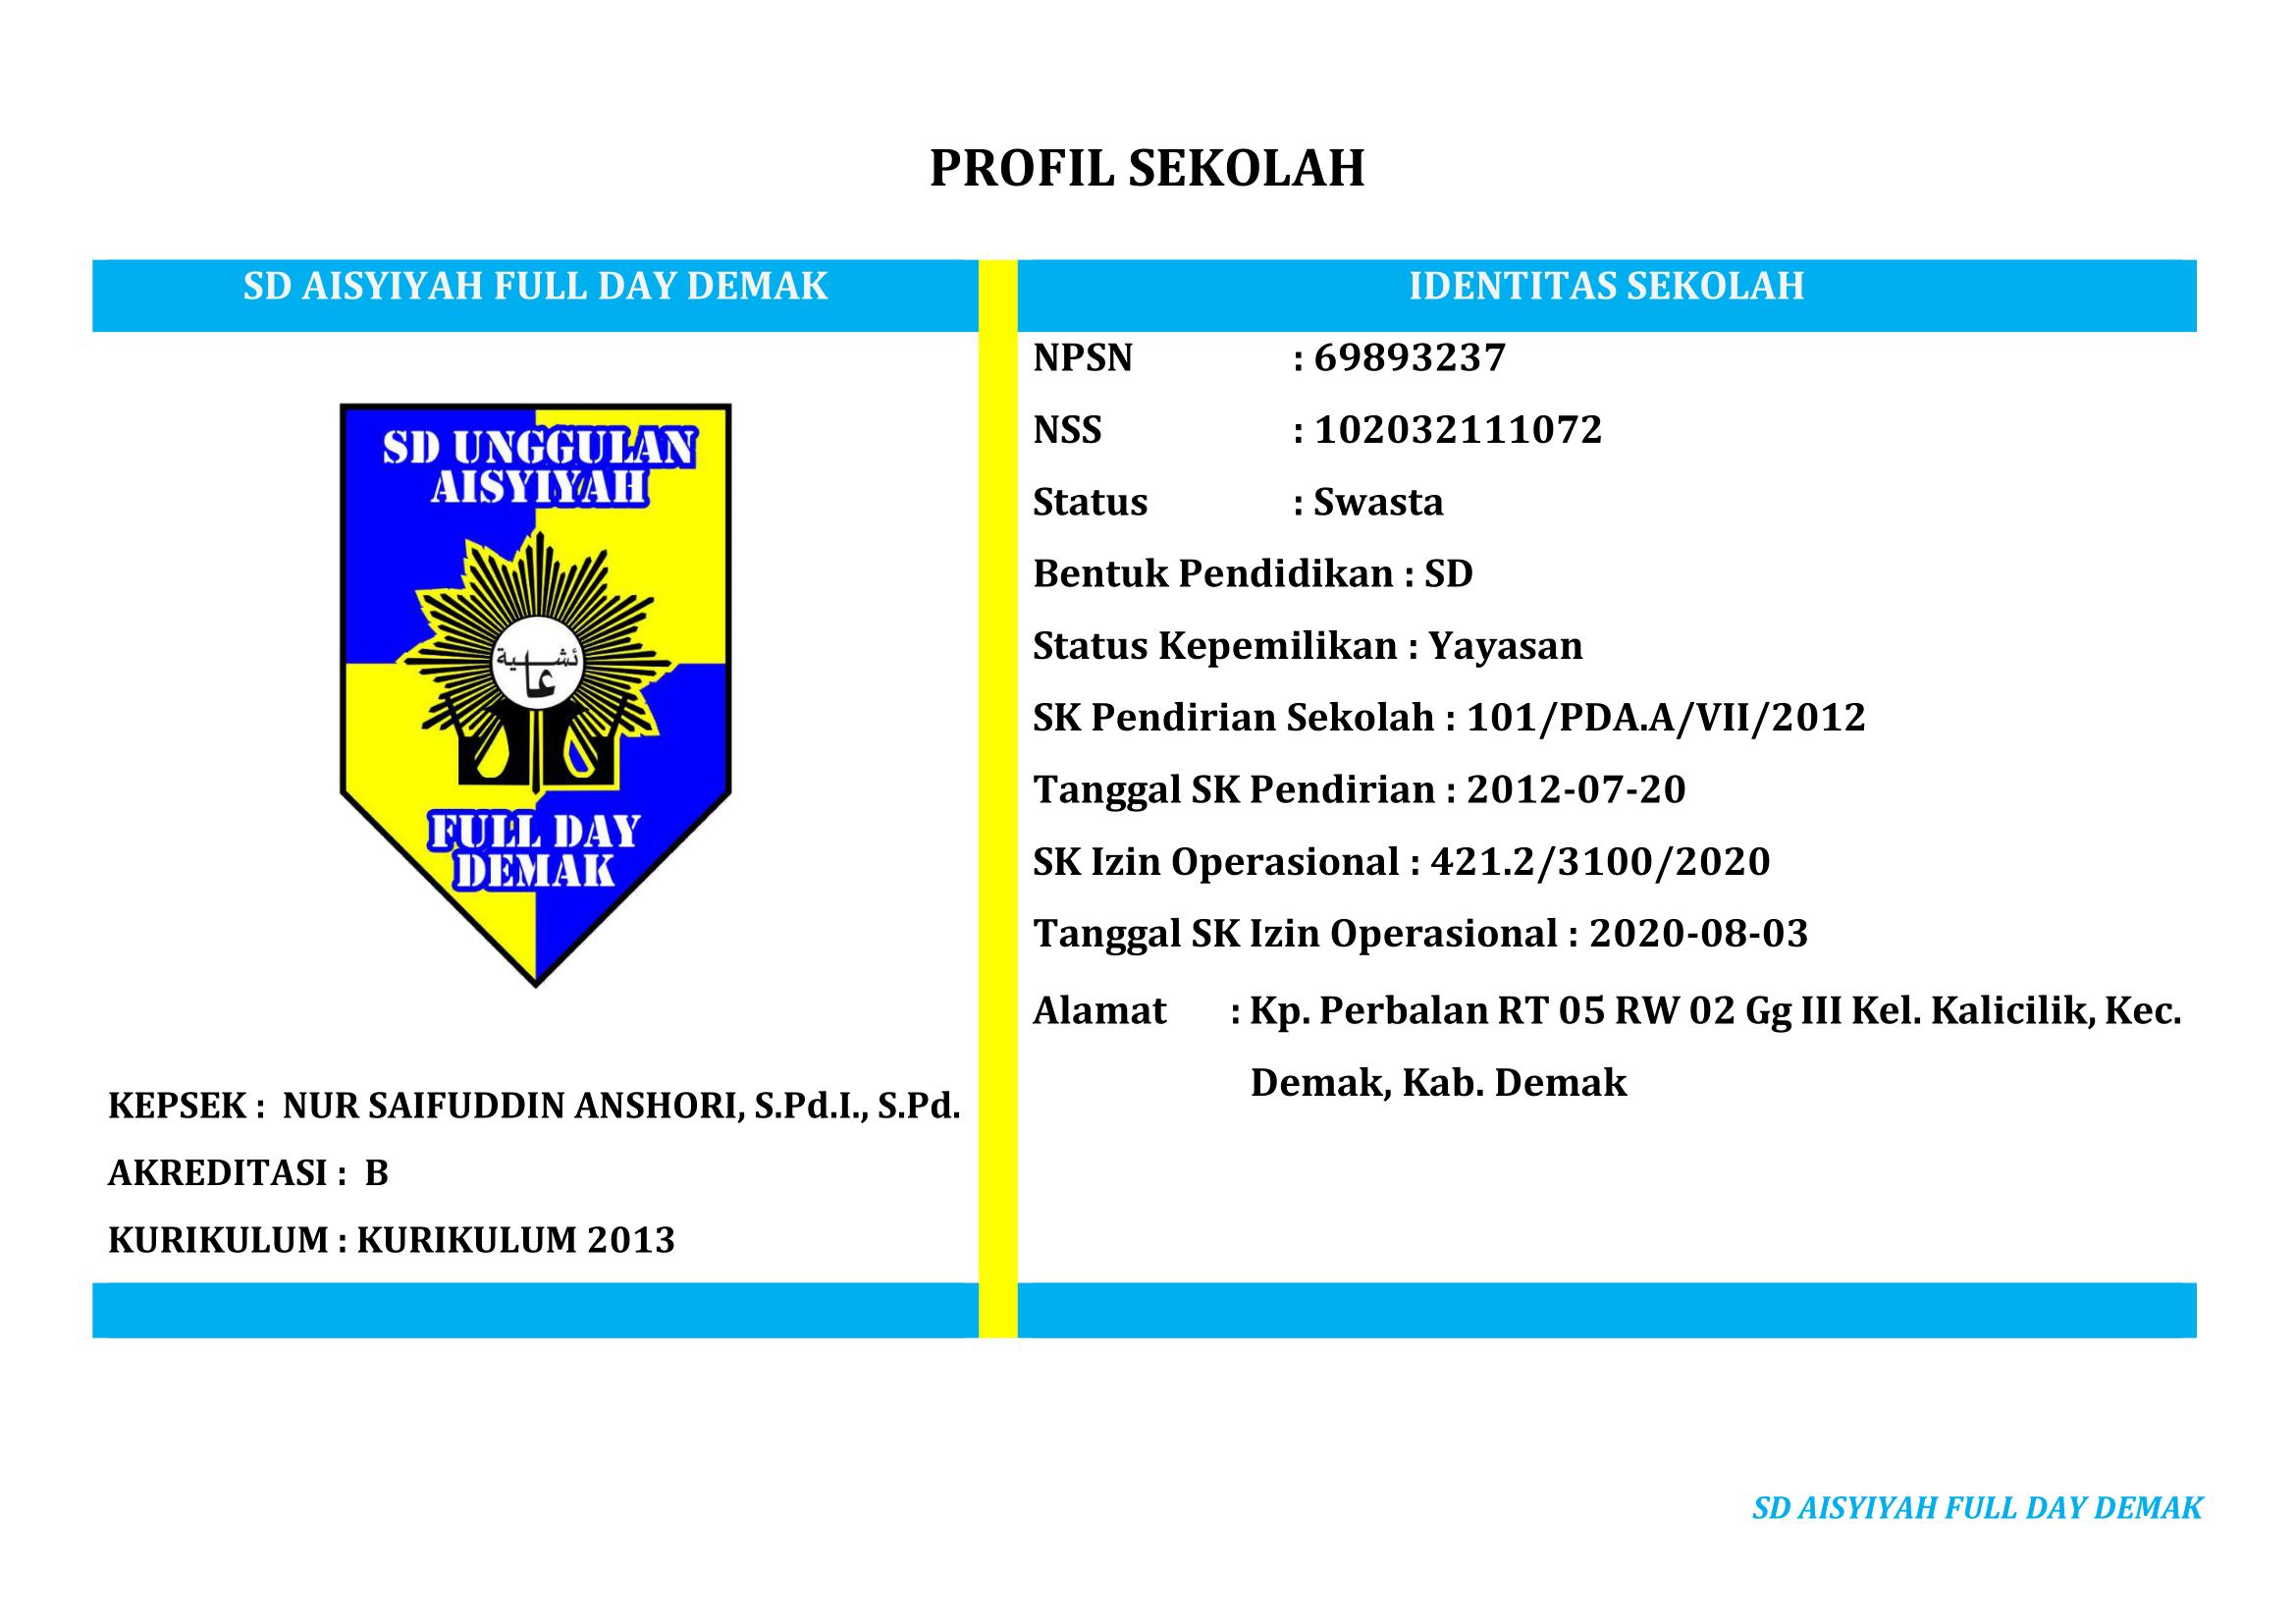 Profil Sekolah Sd Aisyiyah Full Day Demak